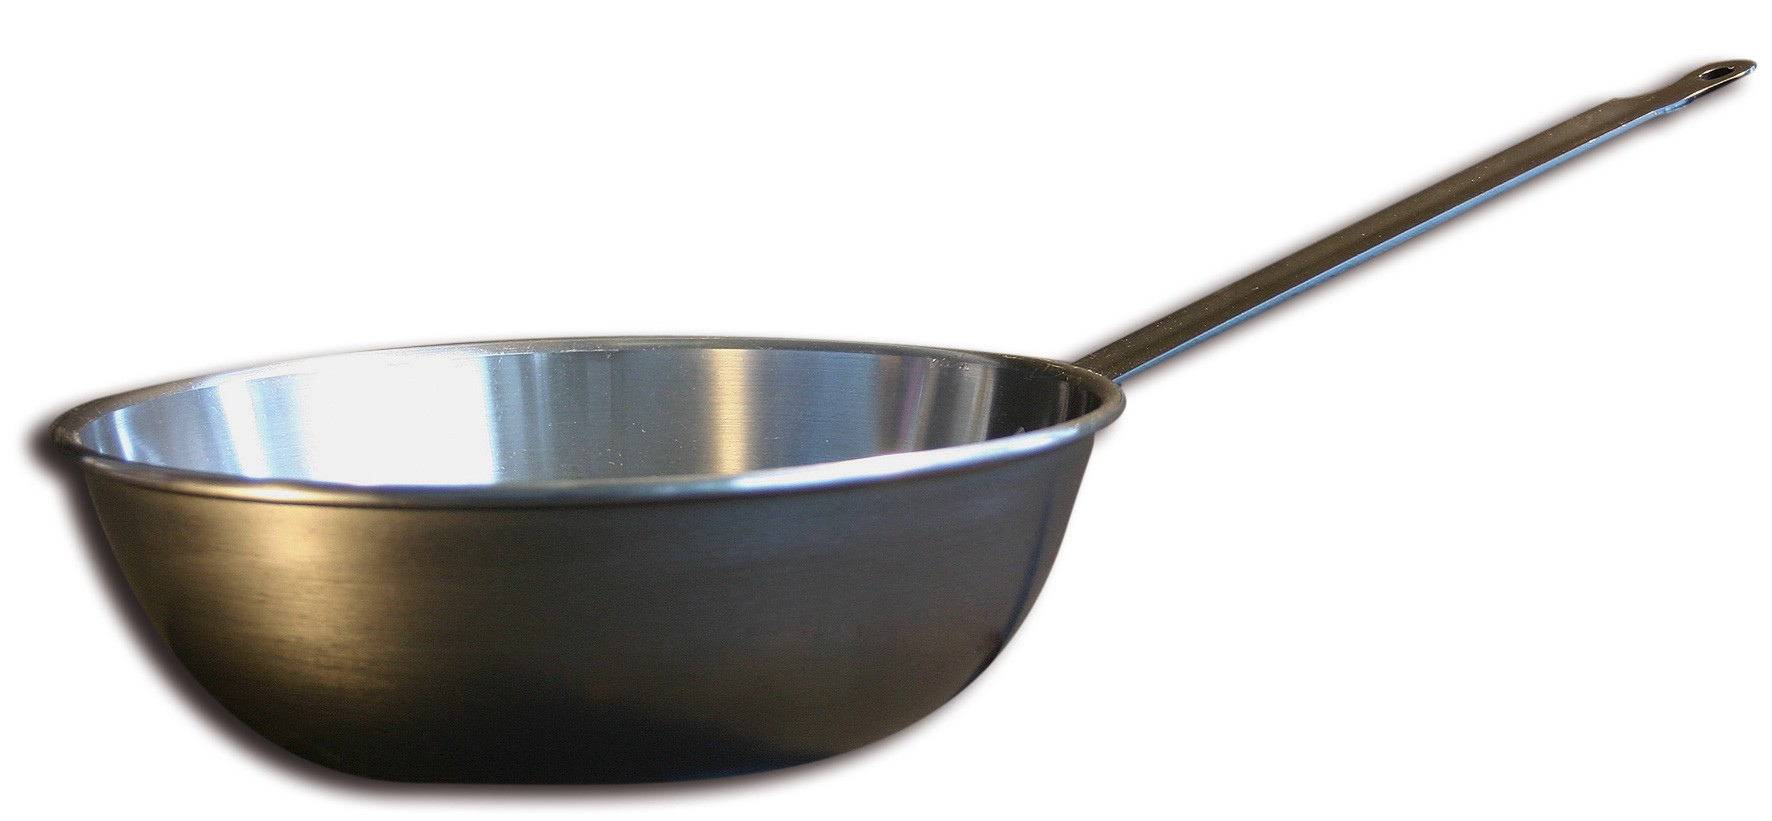 Sauteuse - Lagostina poele ceramique ...